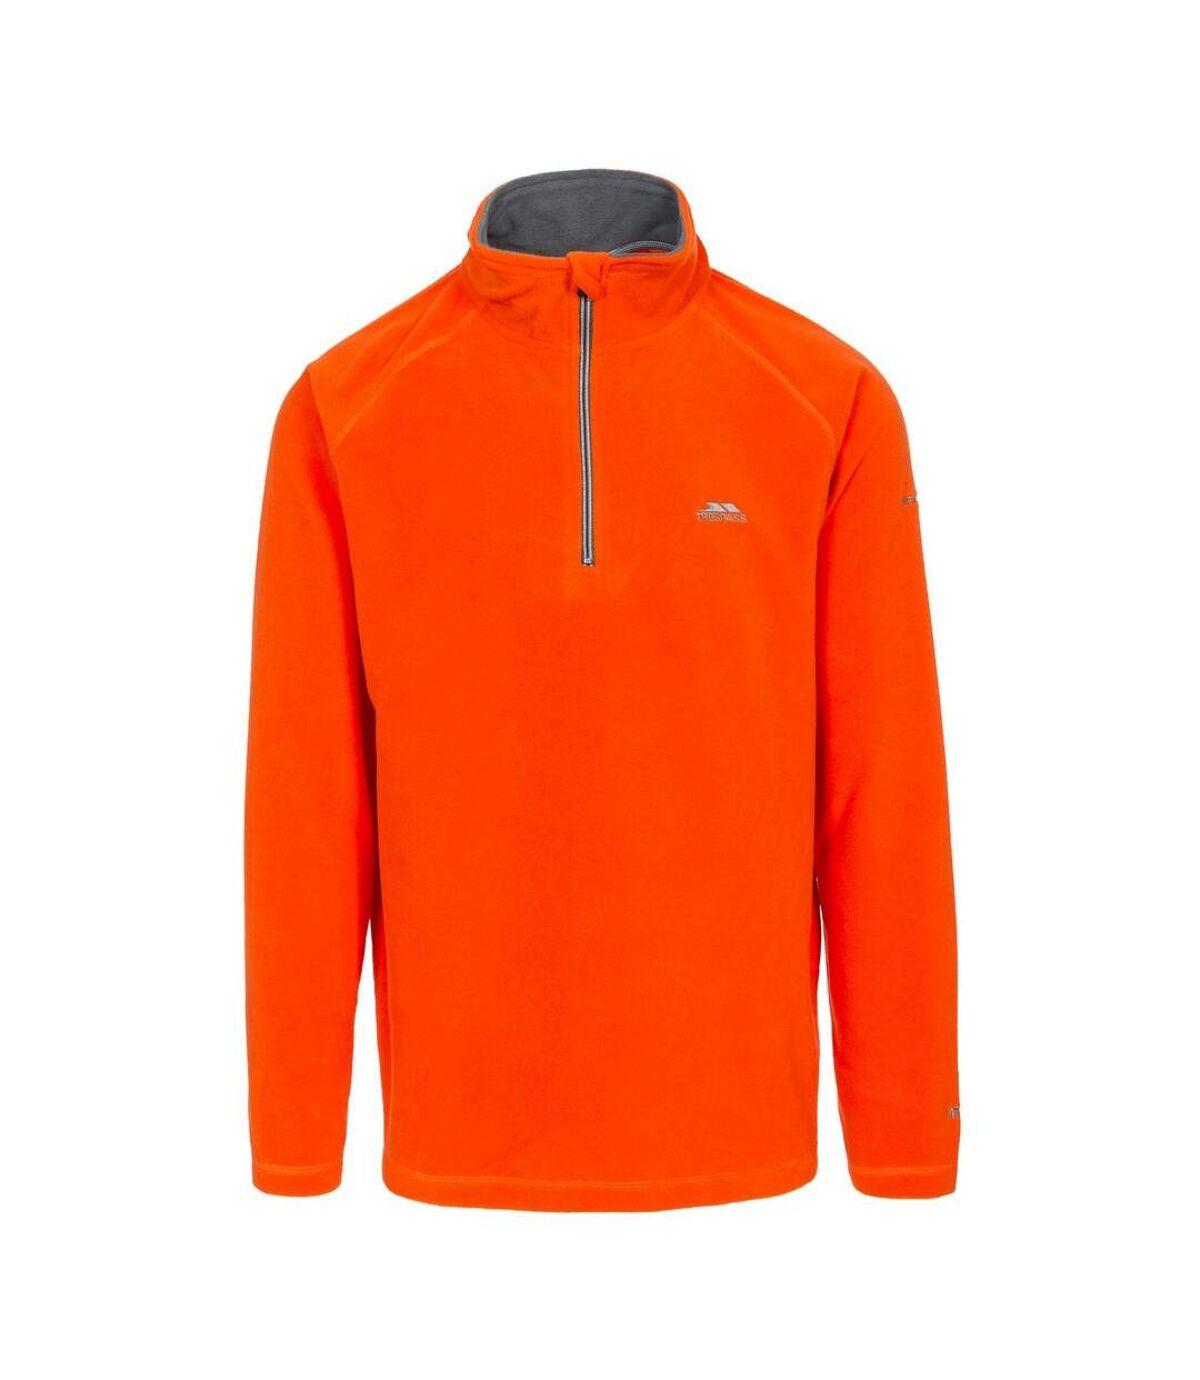 Trespass - Polaire BLACKFORD - Homme (Orange vif) - UTTP4241